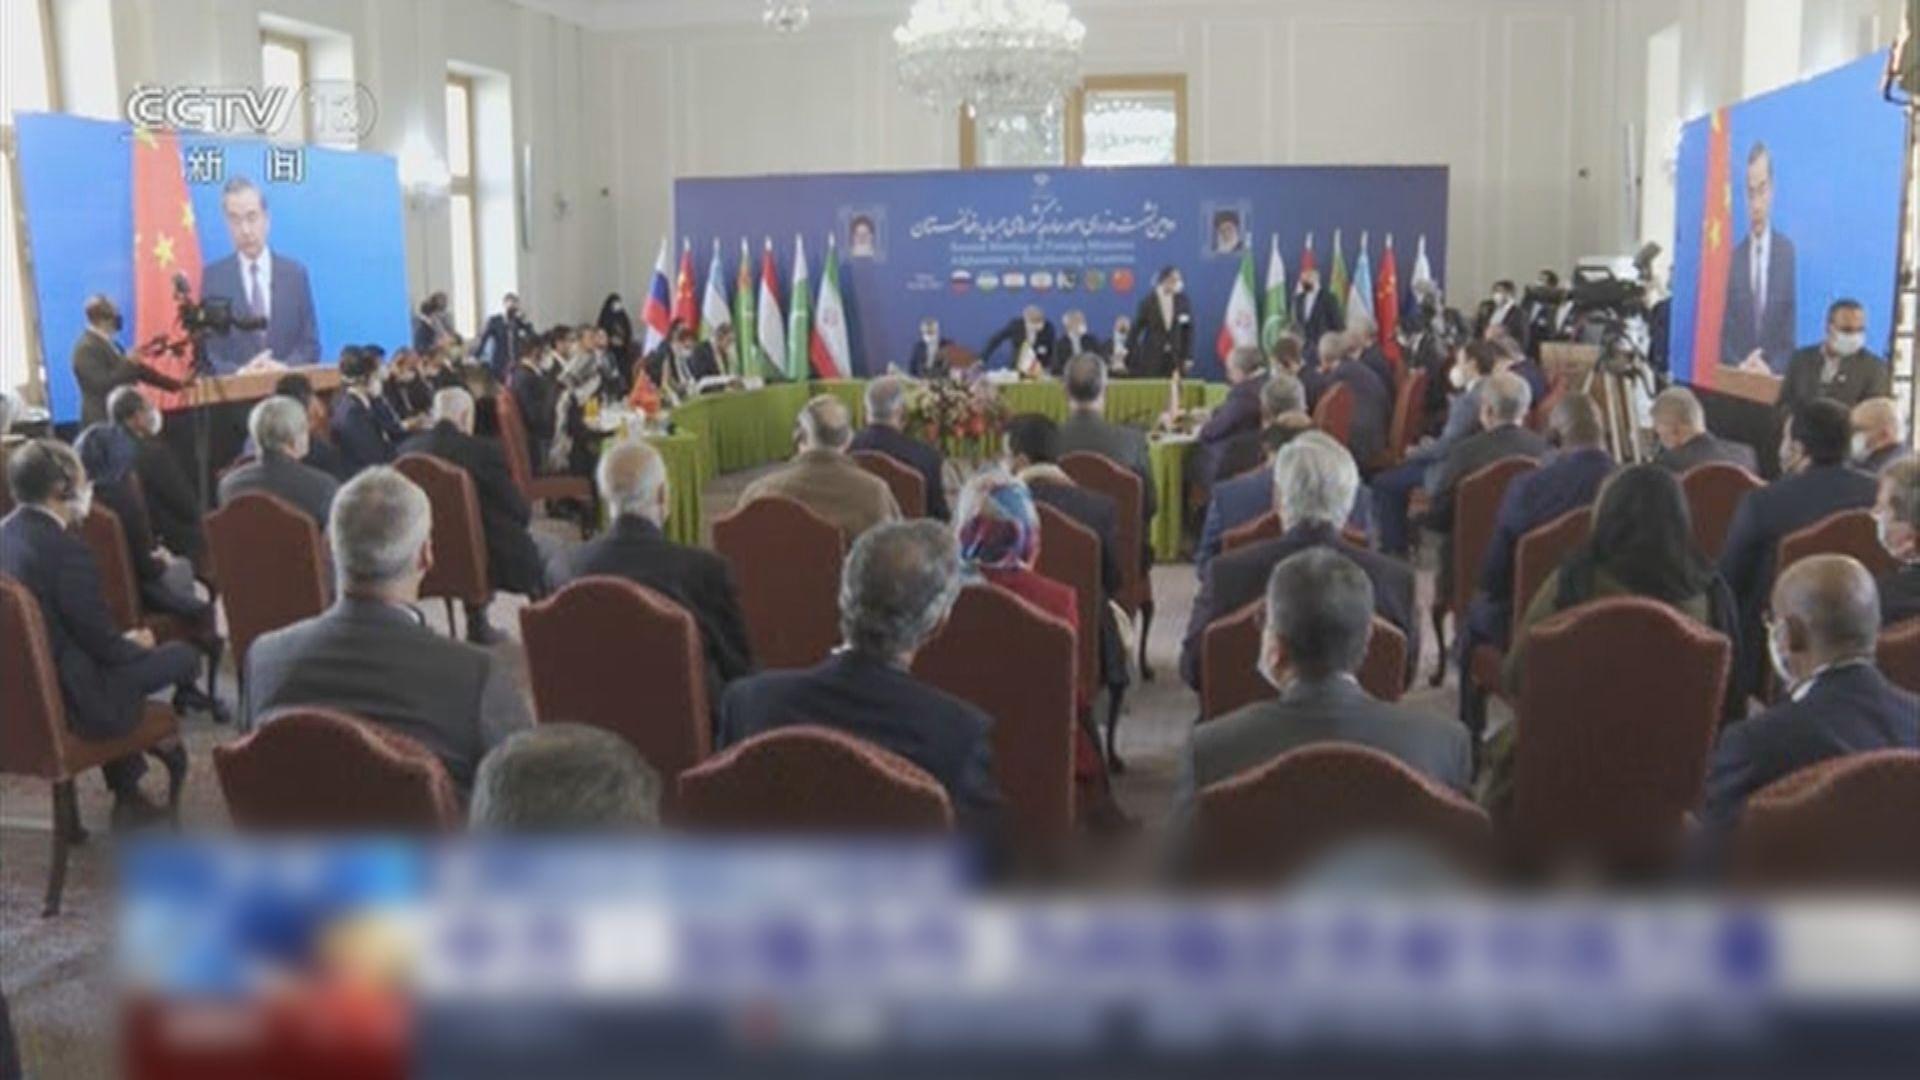 阿富汗鄰國外長會議明年中國舉行